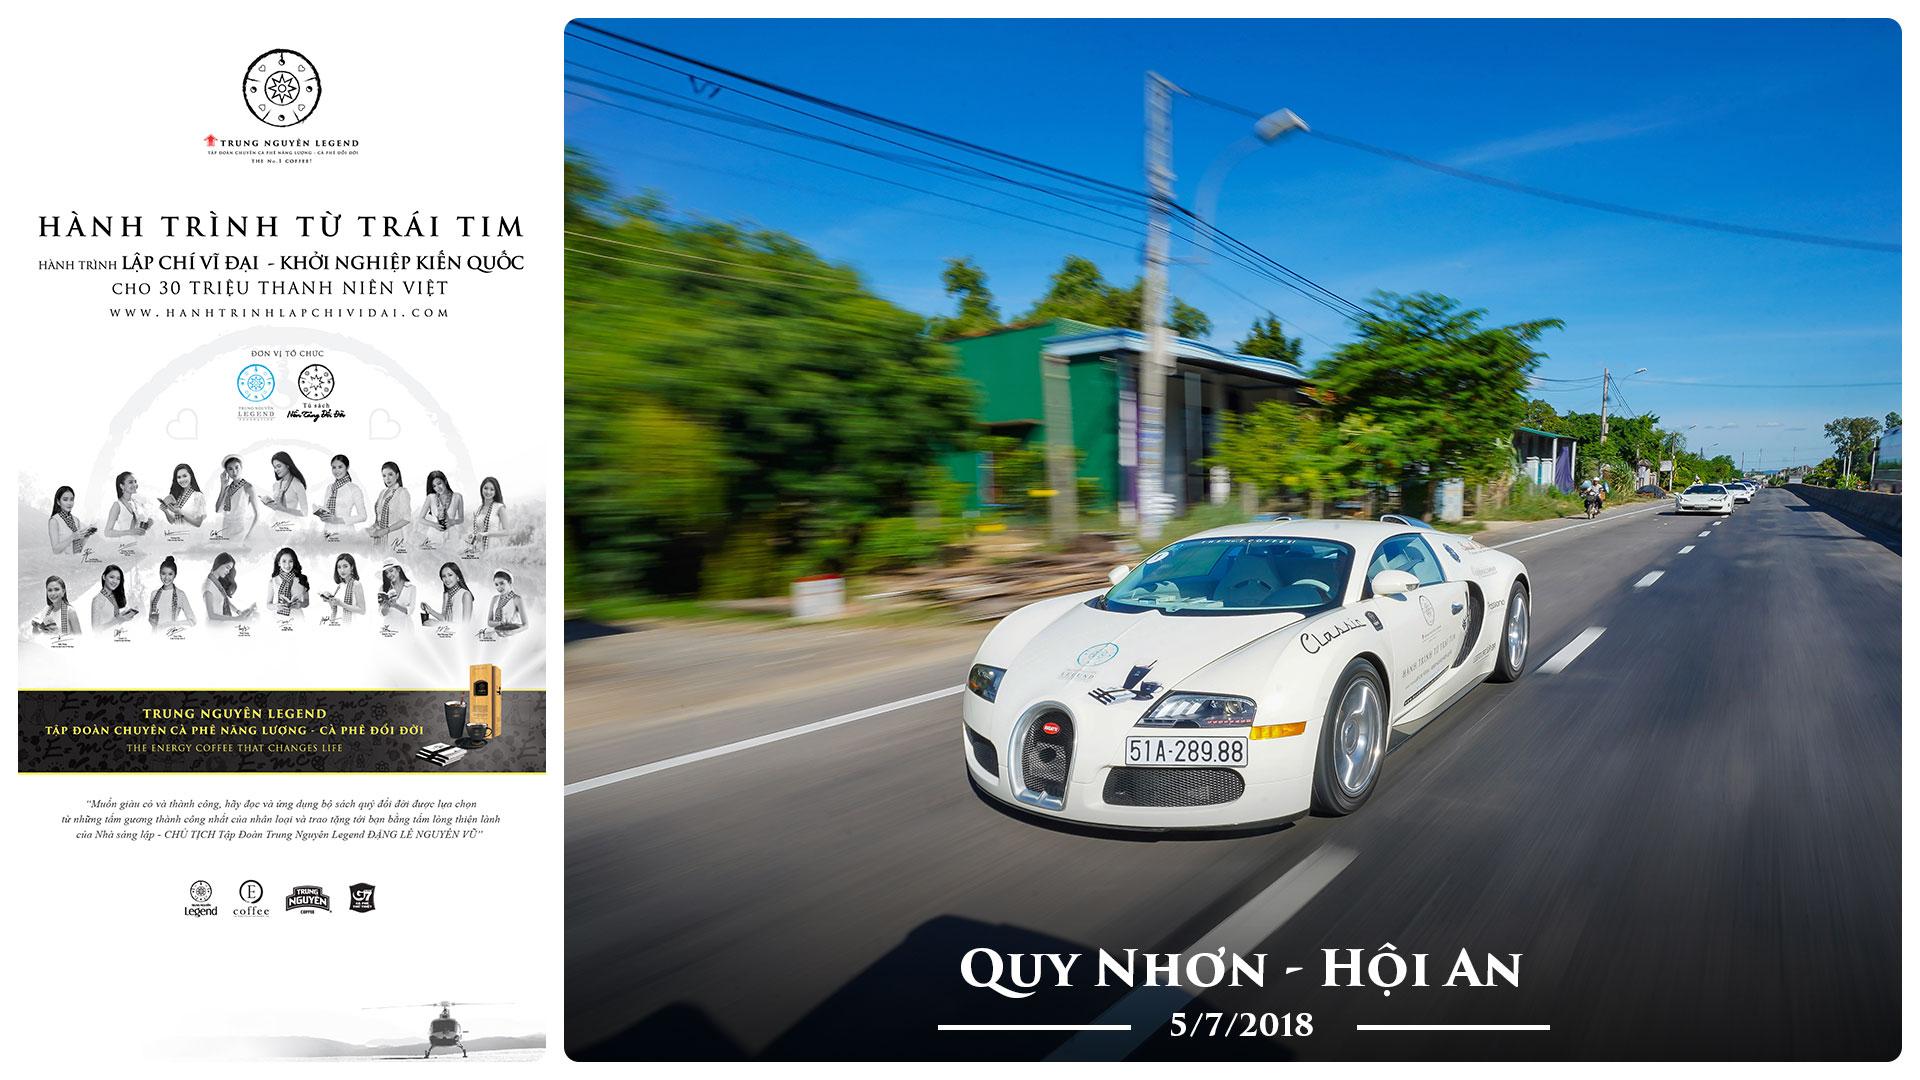 Nhật ký Hành Trình Từ Trái Tim – Ngày 05/07/2018